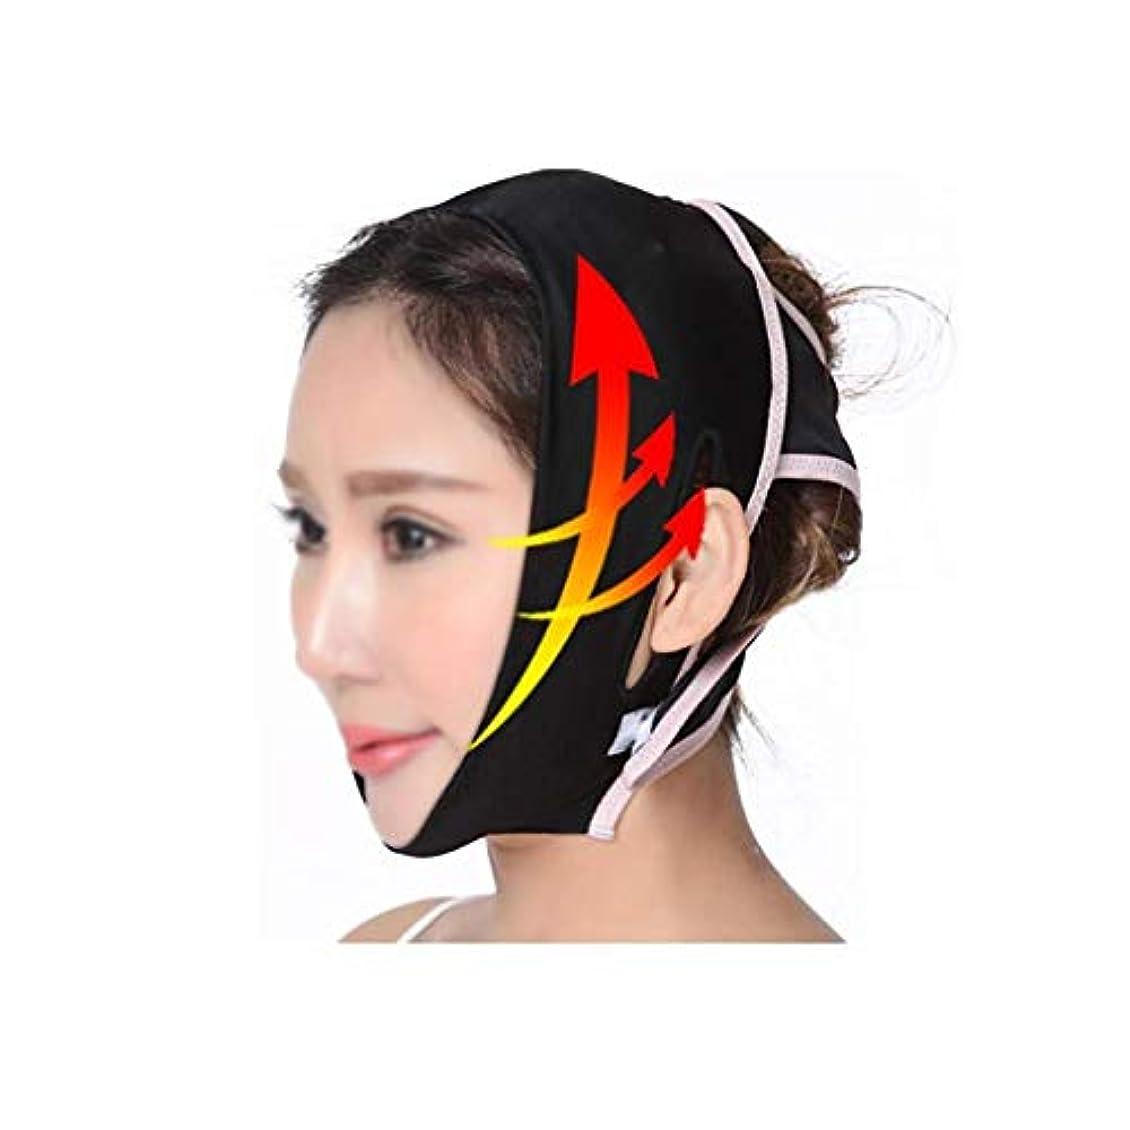 ピックドラッグ尋ねるフェイスリフトマスク、フェイシャルマスク睡眠顔整形顔包帯顔リフティングV顔顔アーティファクト回復通気性ネックストラップ(サイズ:M)